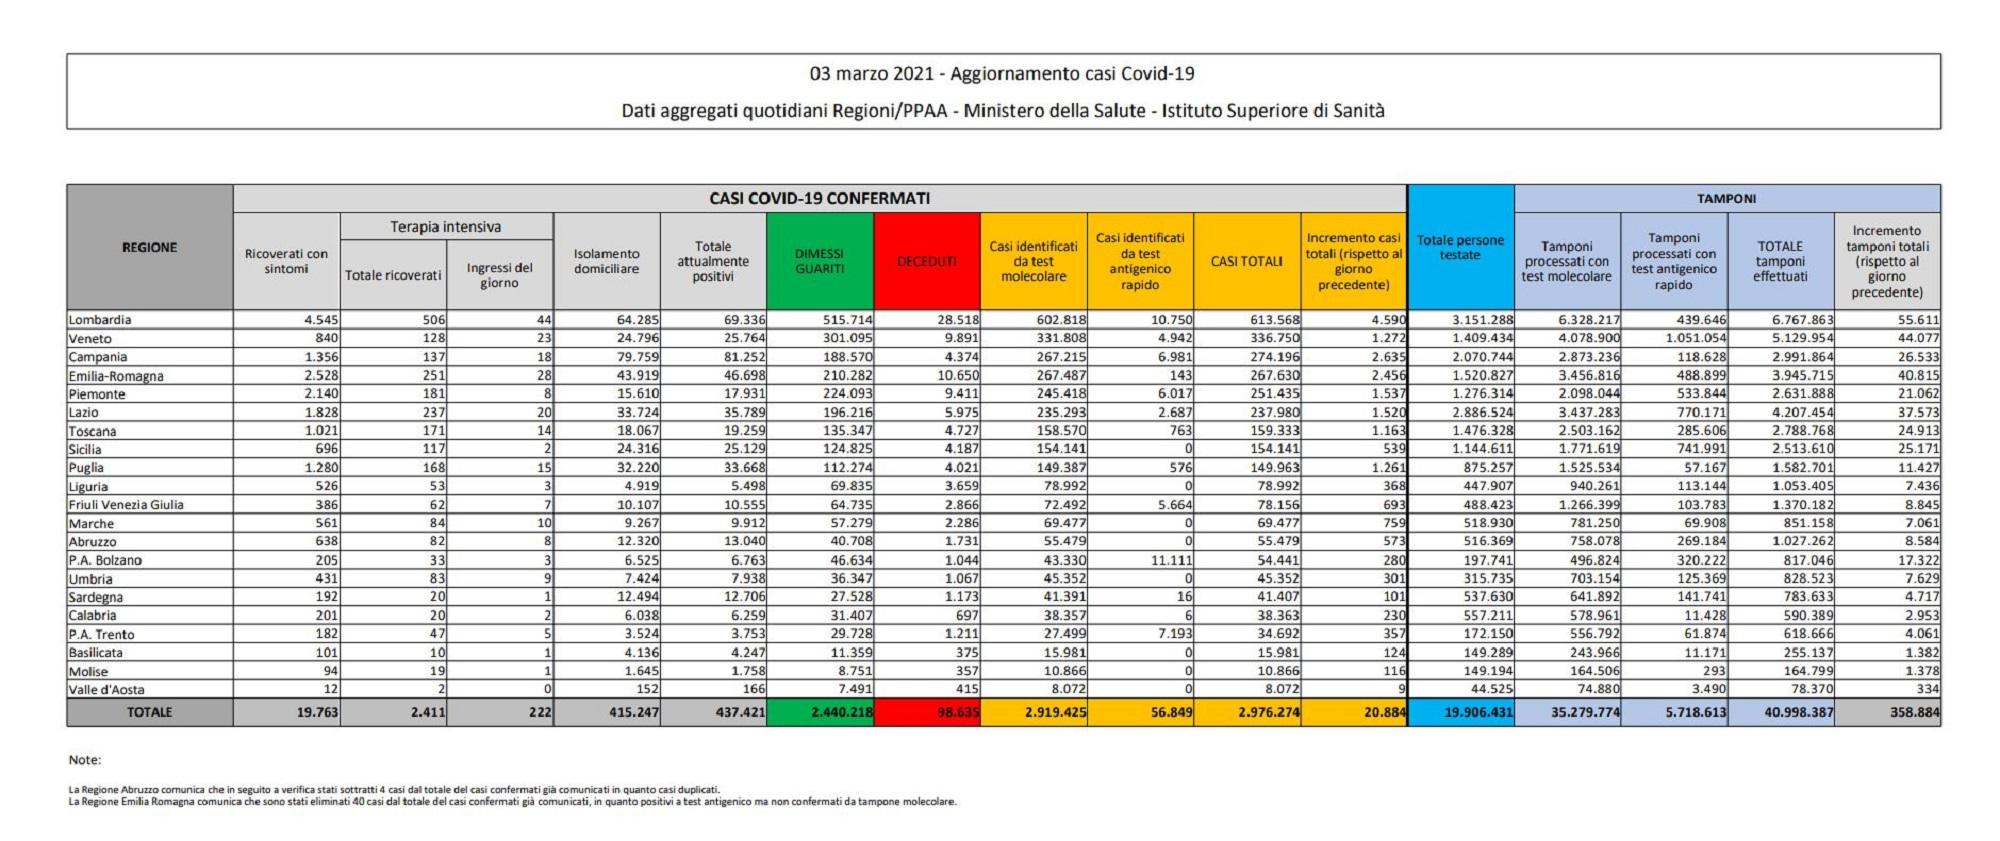 tabella bilancio 3 marzo